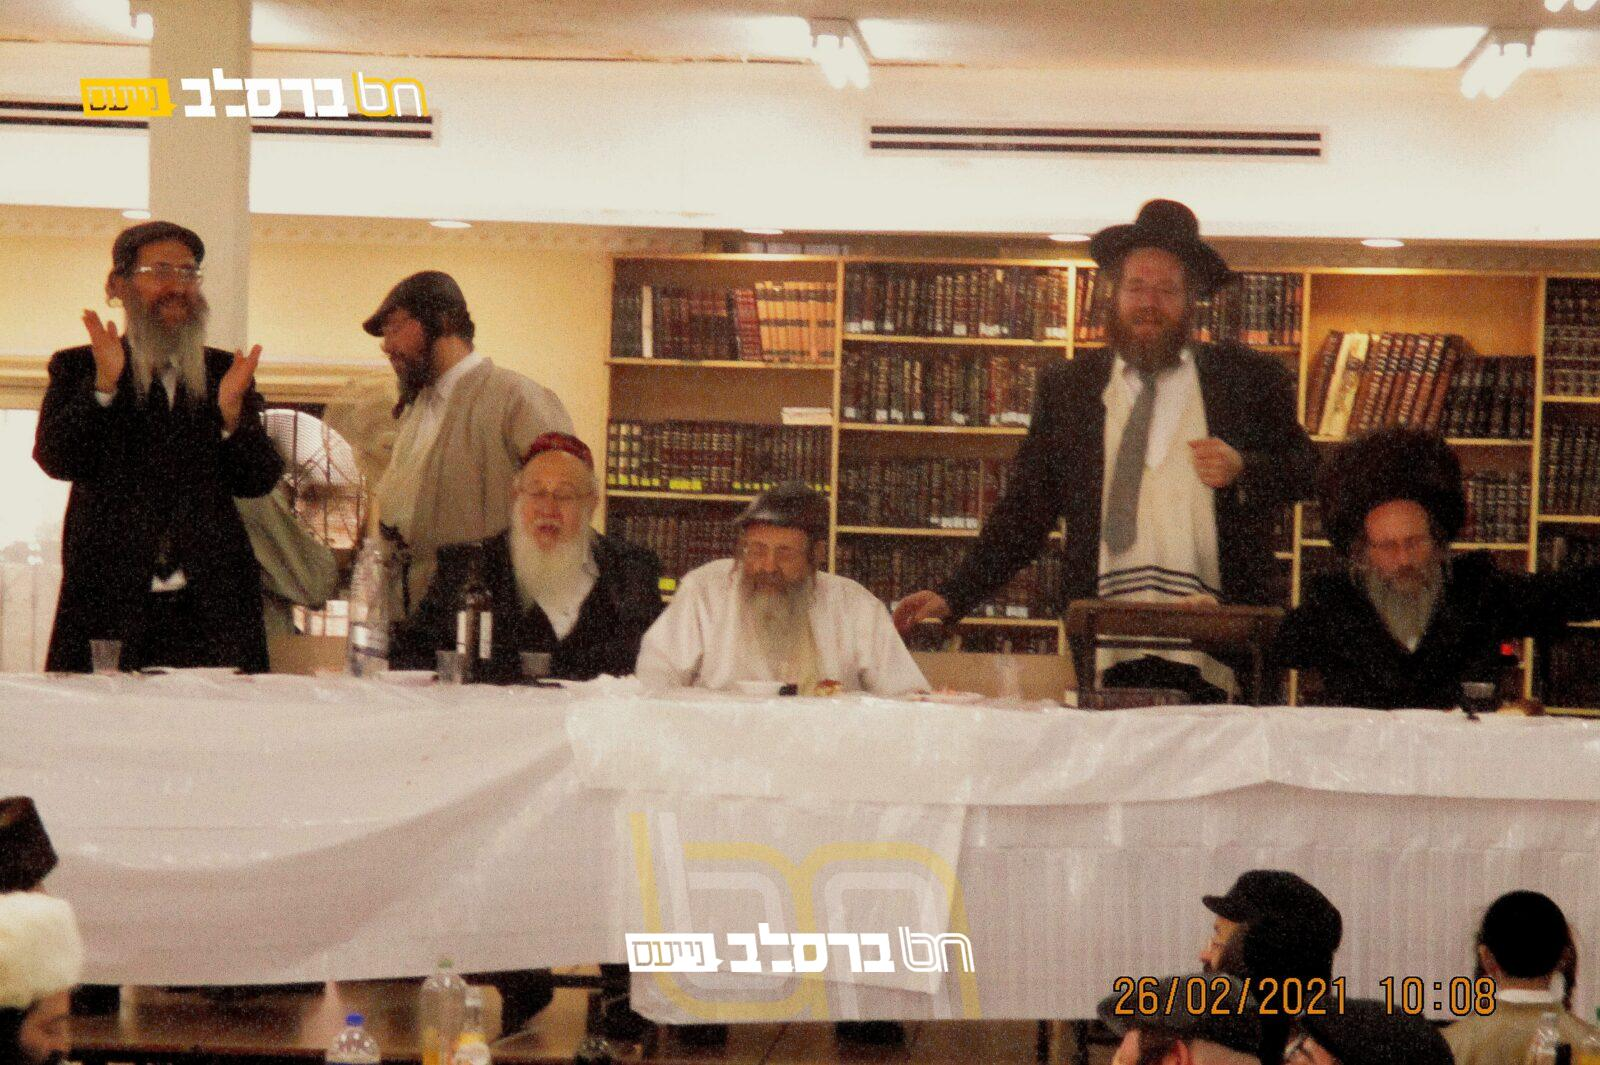 """בית שמש • צפו בפורים בבית הכנסת 'נחלת חן' עם ר""""א זילביגער, ורא""""ד ברזסקי"""